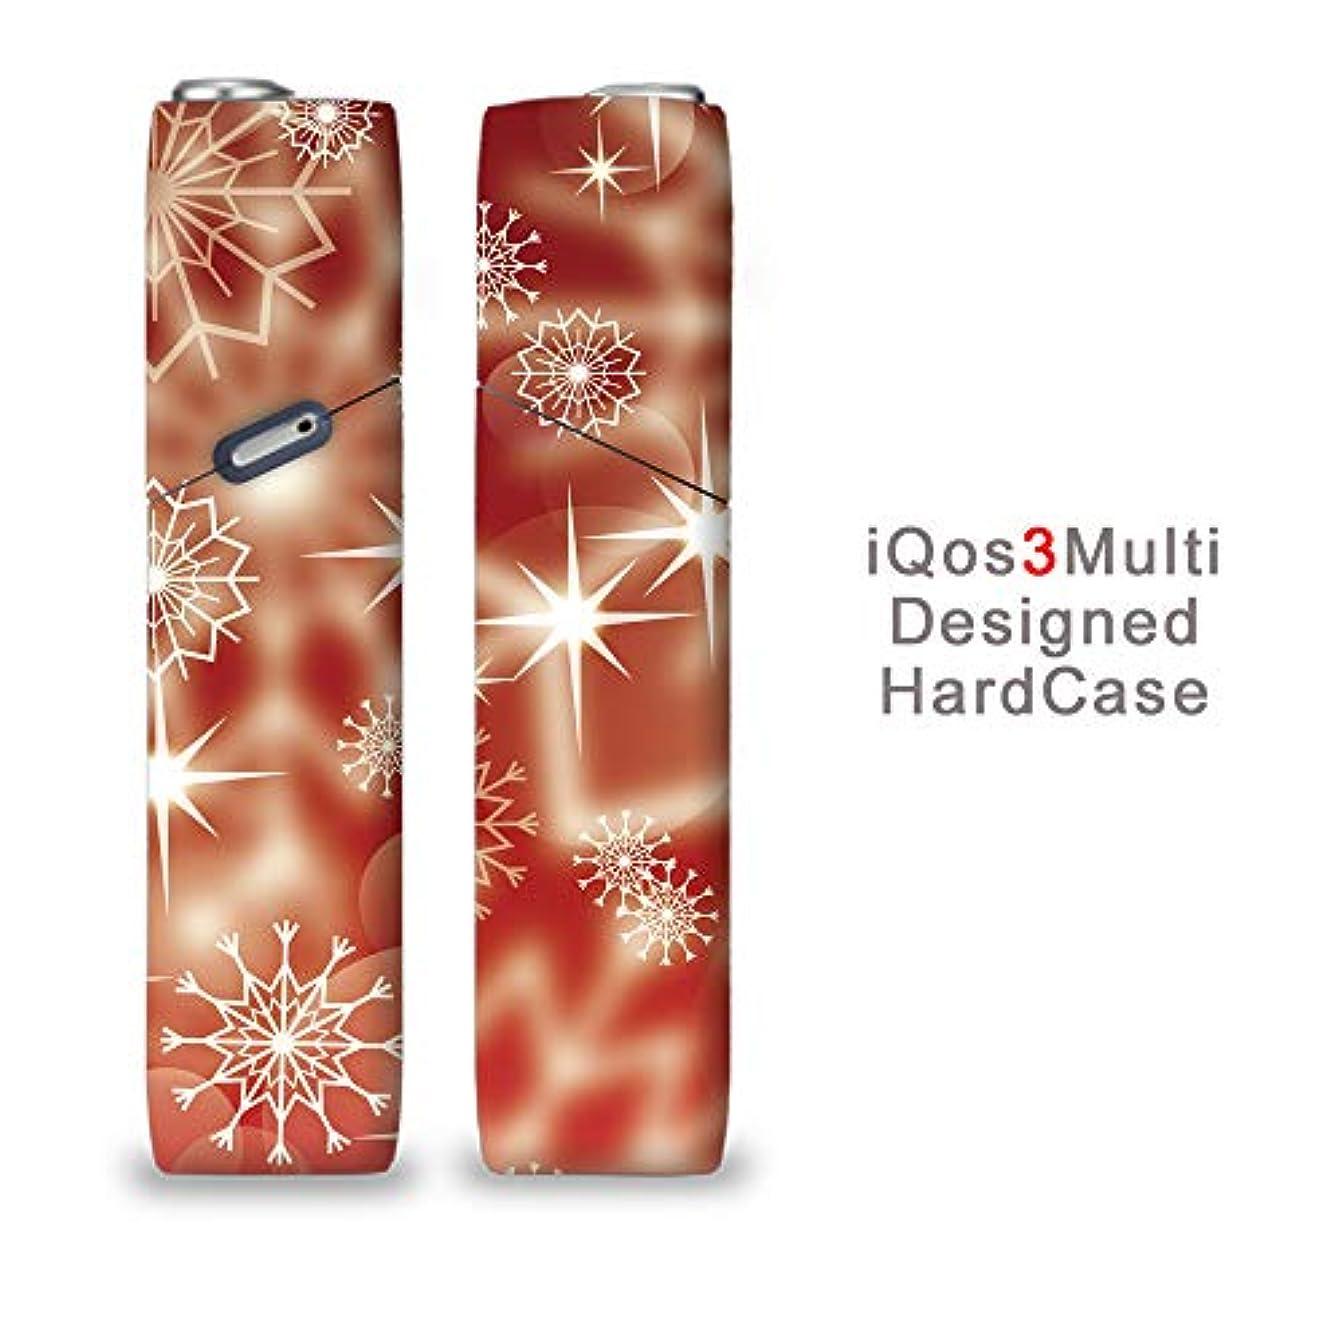 自我ラフト寝室完全国内受注生産 iQOS3マルチ用 アイコス3マルチ用 熱転写全面印刷 雪の結晶 加熱式タバコ 電子タバコ 禁煙サポート アクセサリー プラスティックケース ハードケース 日本製